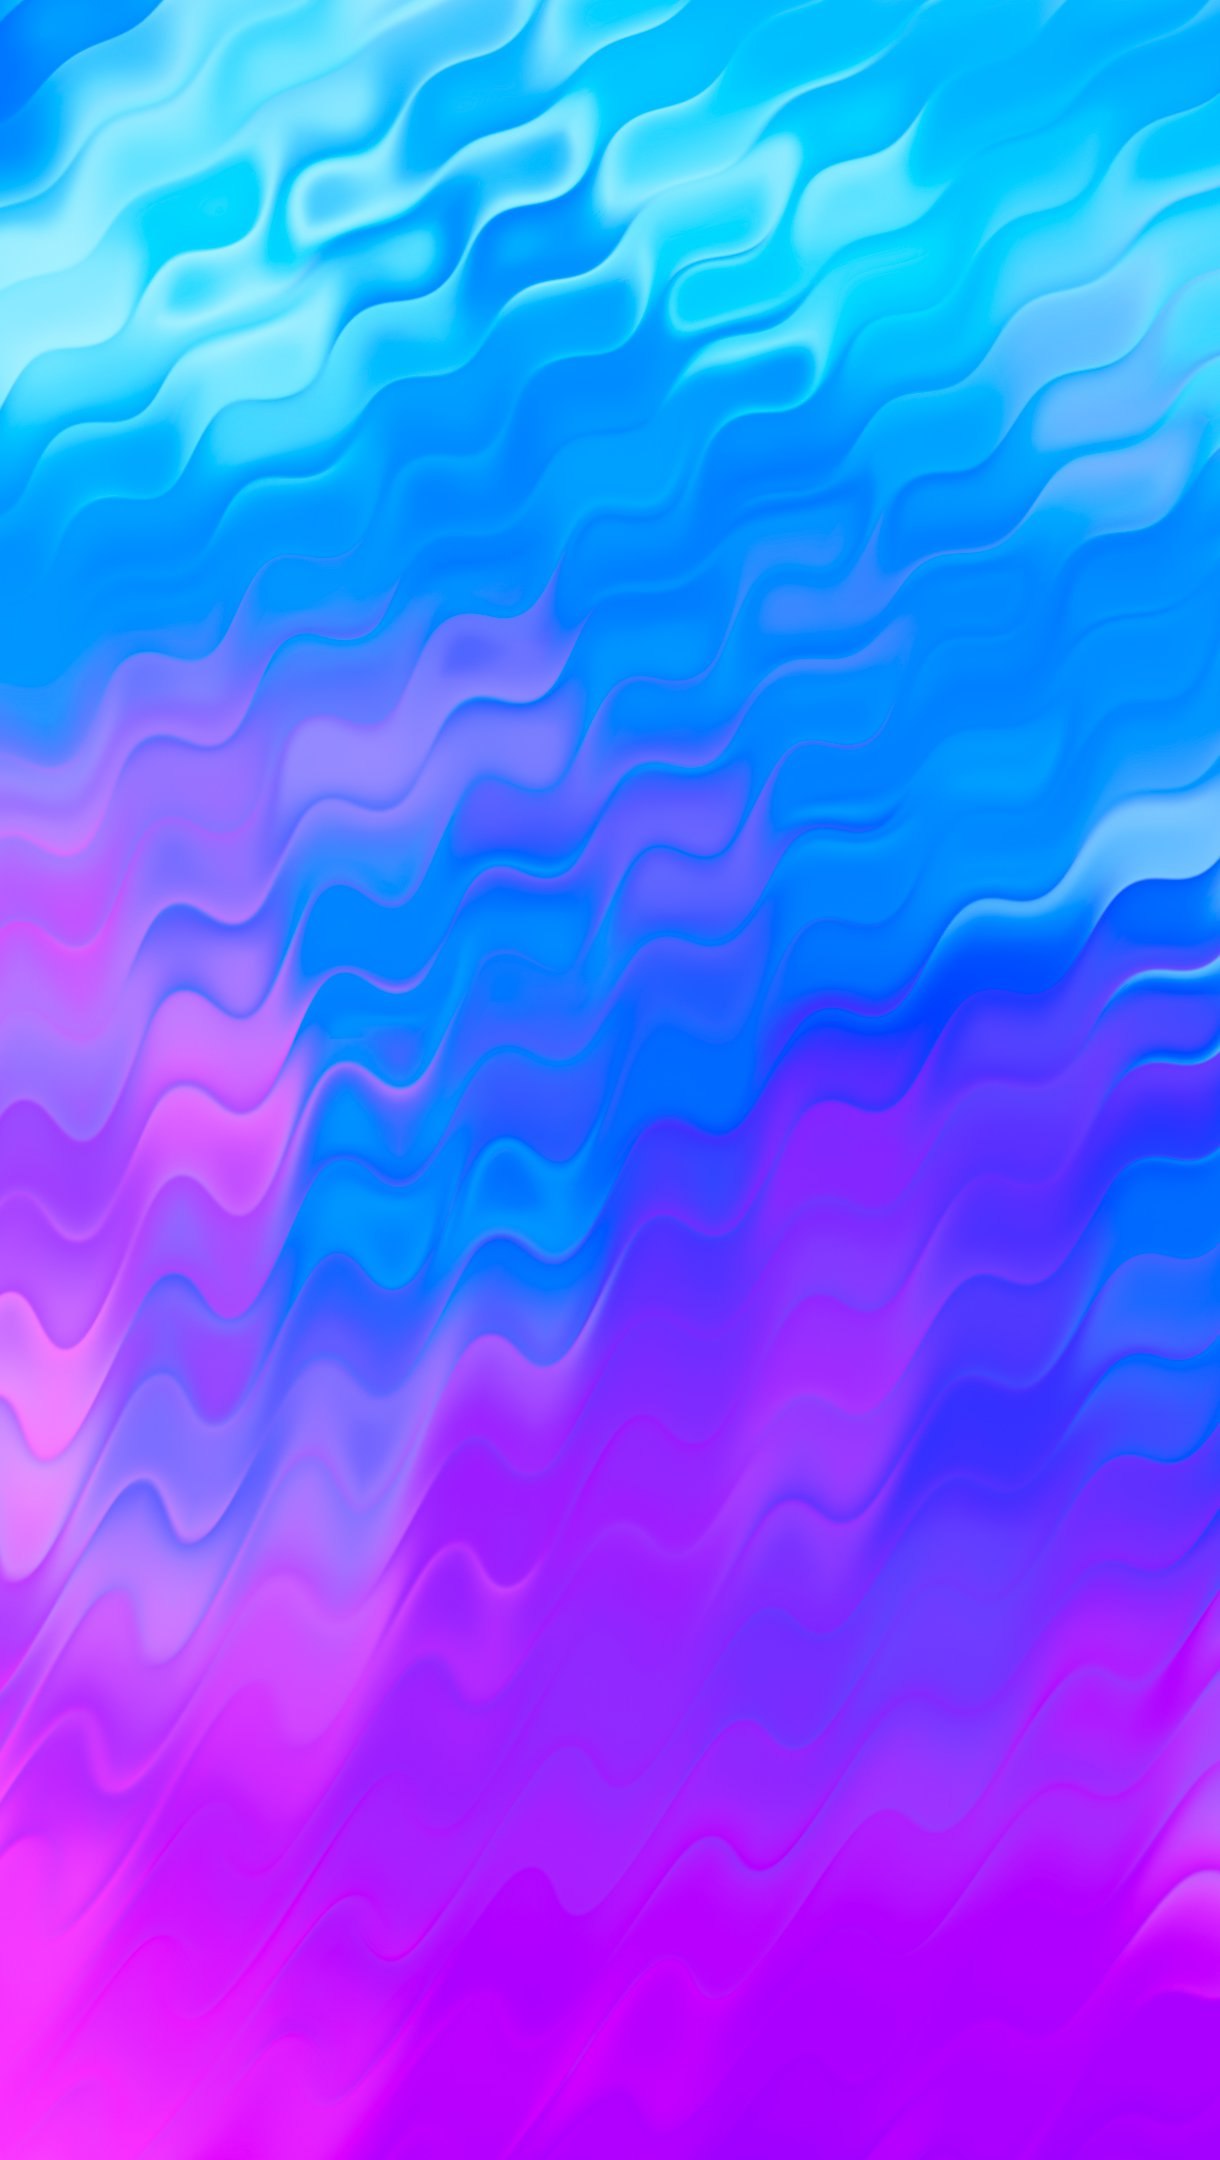 Fondos de pantalla Figuras abstractas rosas y azules Vertical